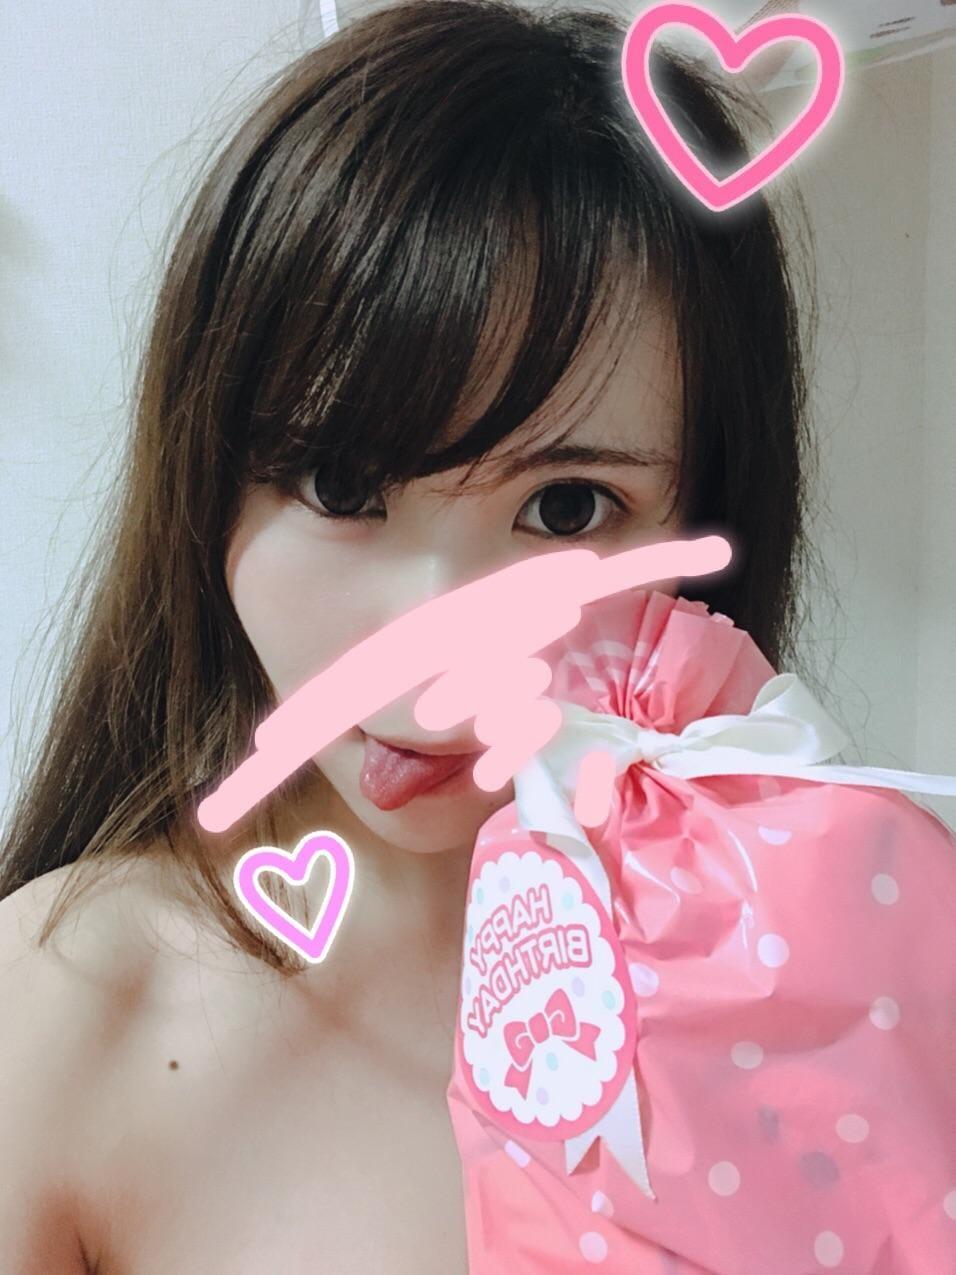 「fromしんちゃん」10/02(10/02) 02:16 | しぐれの写メ・風俗動画